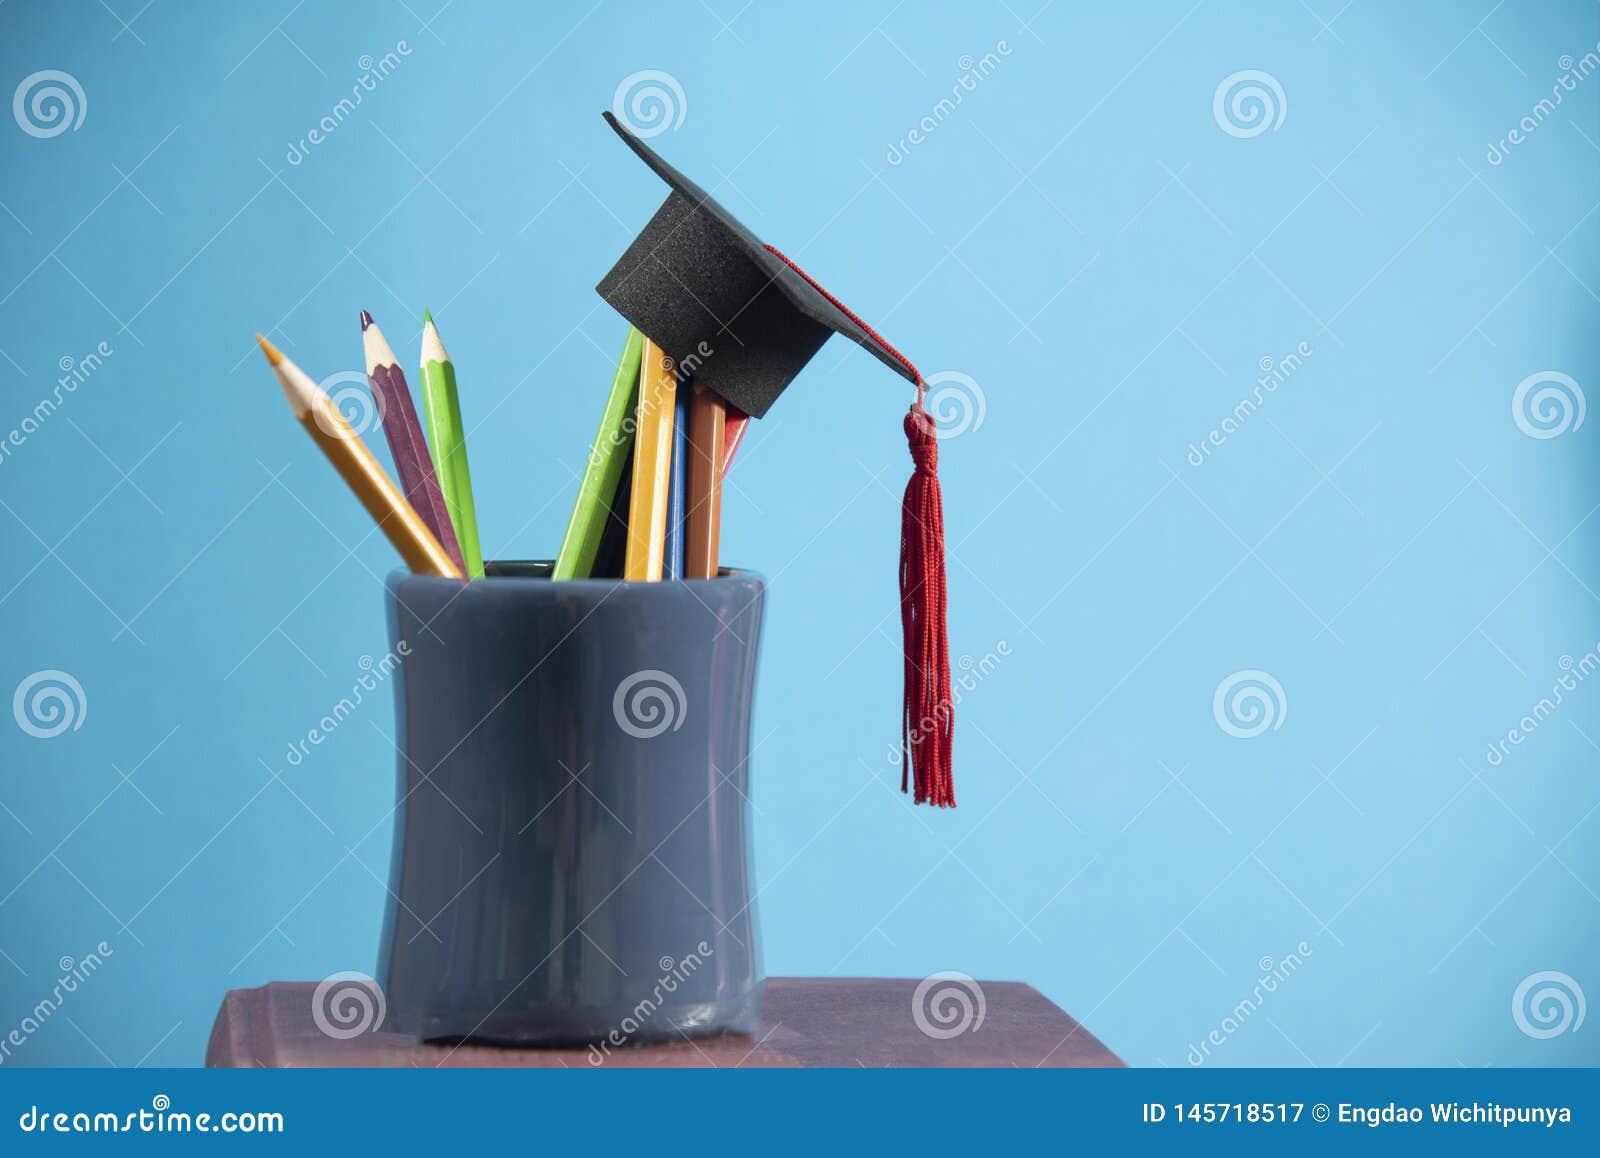 Ausbildung und zurück zu Schulkonzept mit Staffelungskappen-Bleistiftfarbe in einem Bleistiftkasten auf blauem Hintergrund